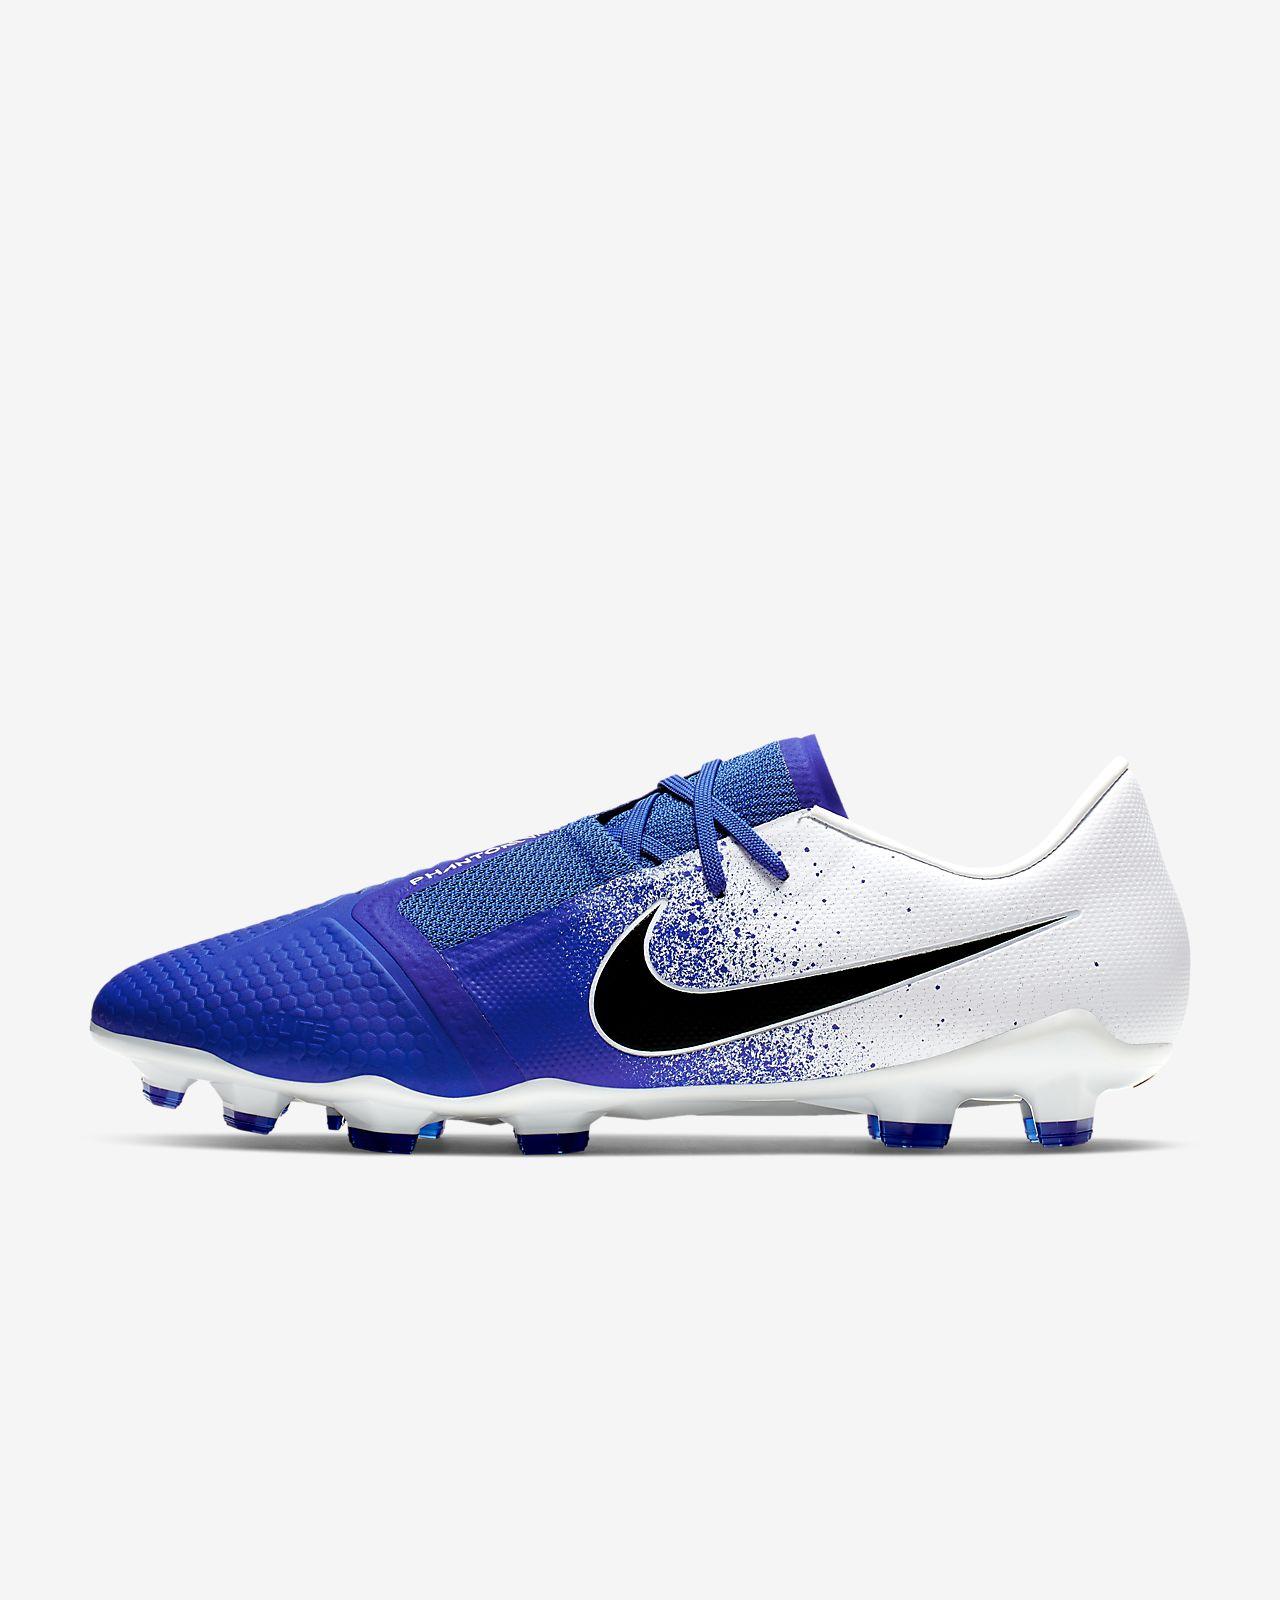 รองเท้าสตั๊ดฟุตบอลสำหรับพื้นสนามทั่วไป Nike Phantom Venom Pro FG